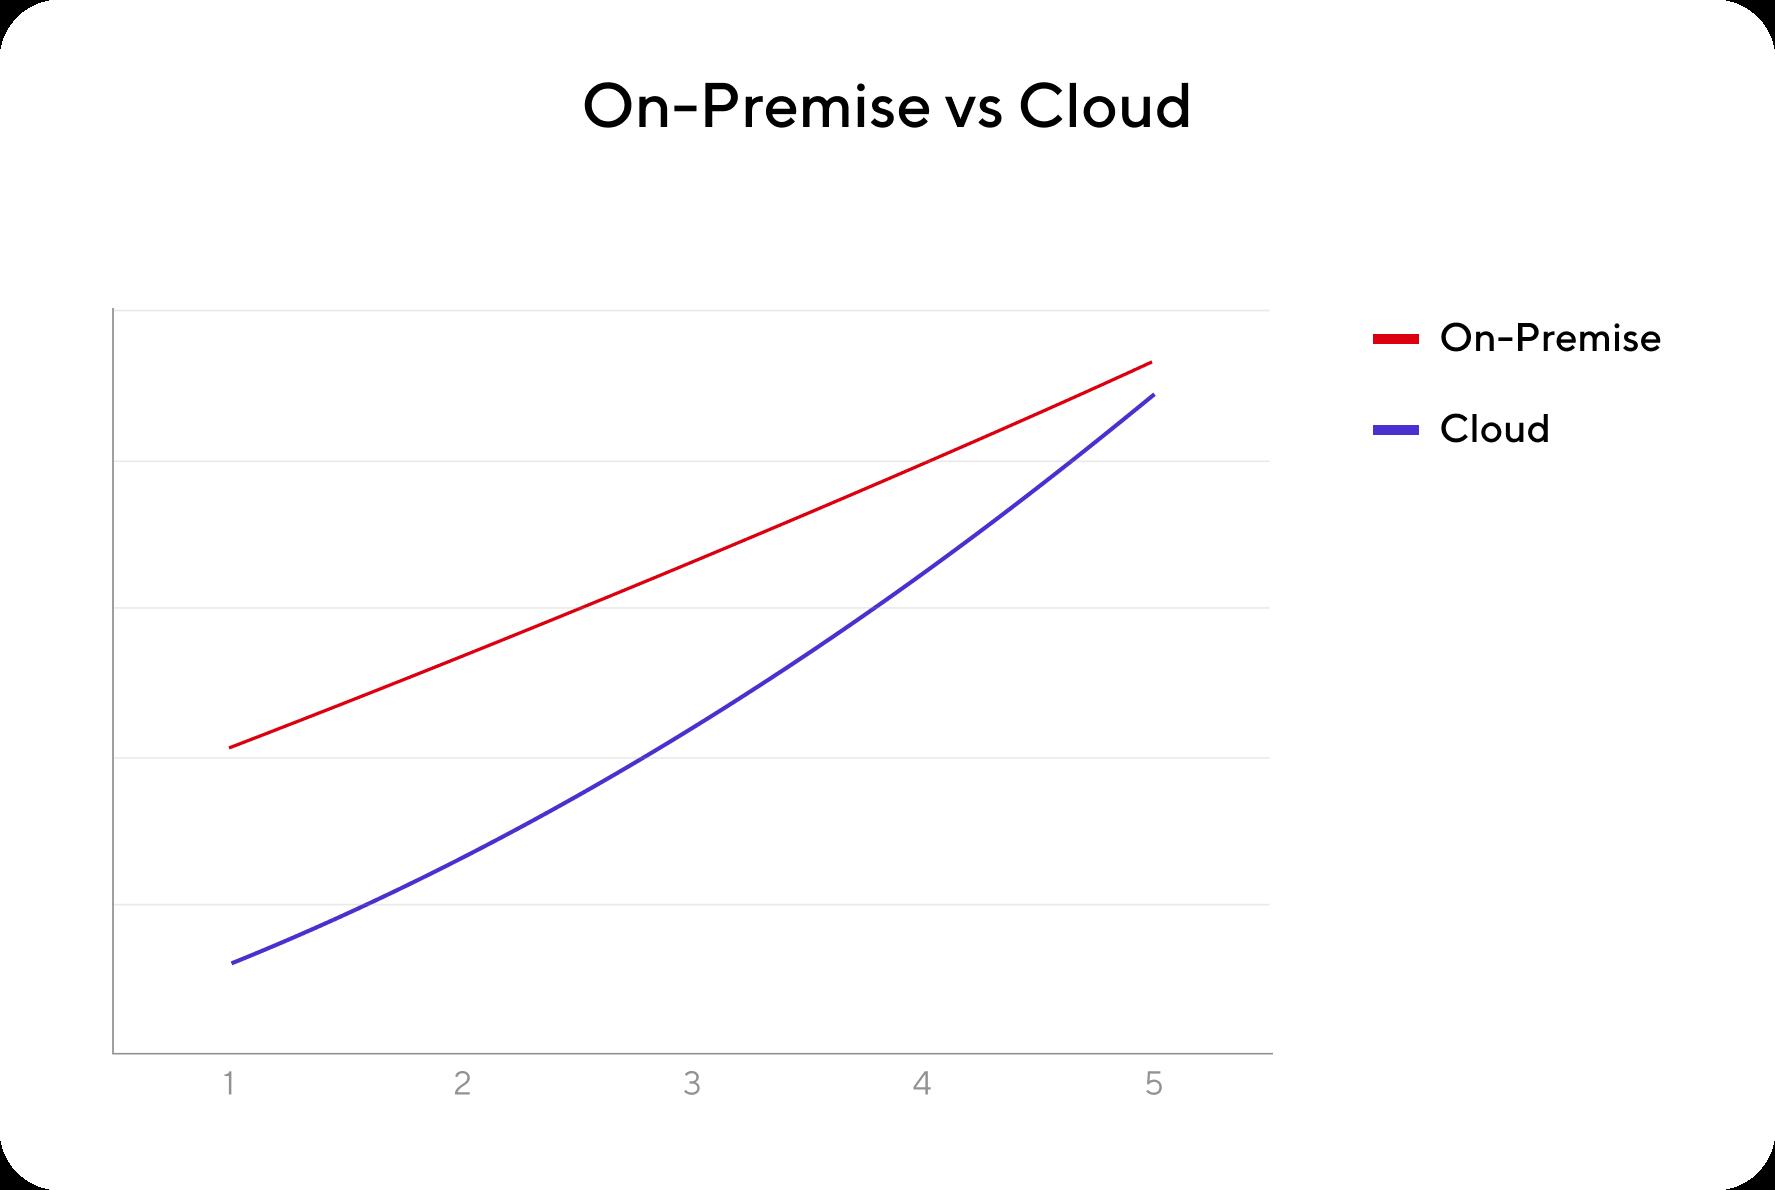 On-Premise vs Cloud